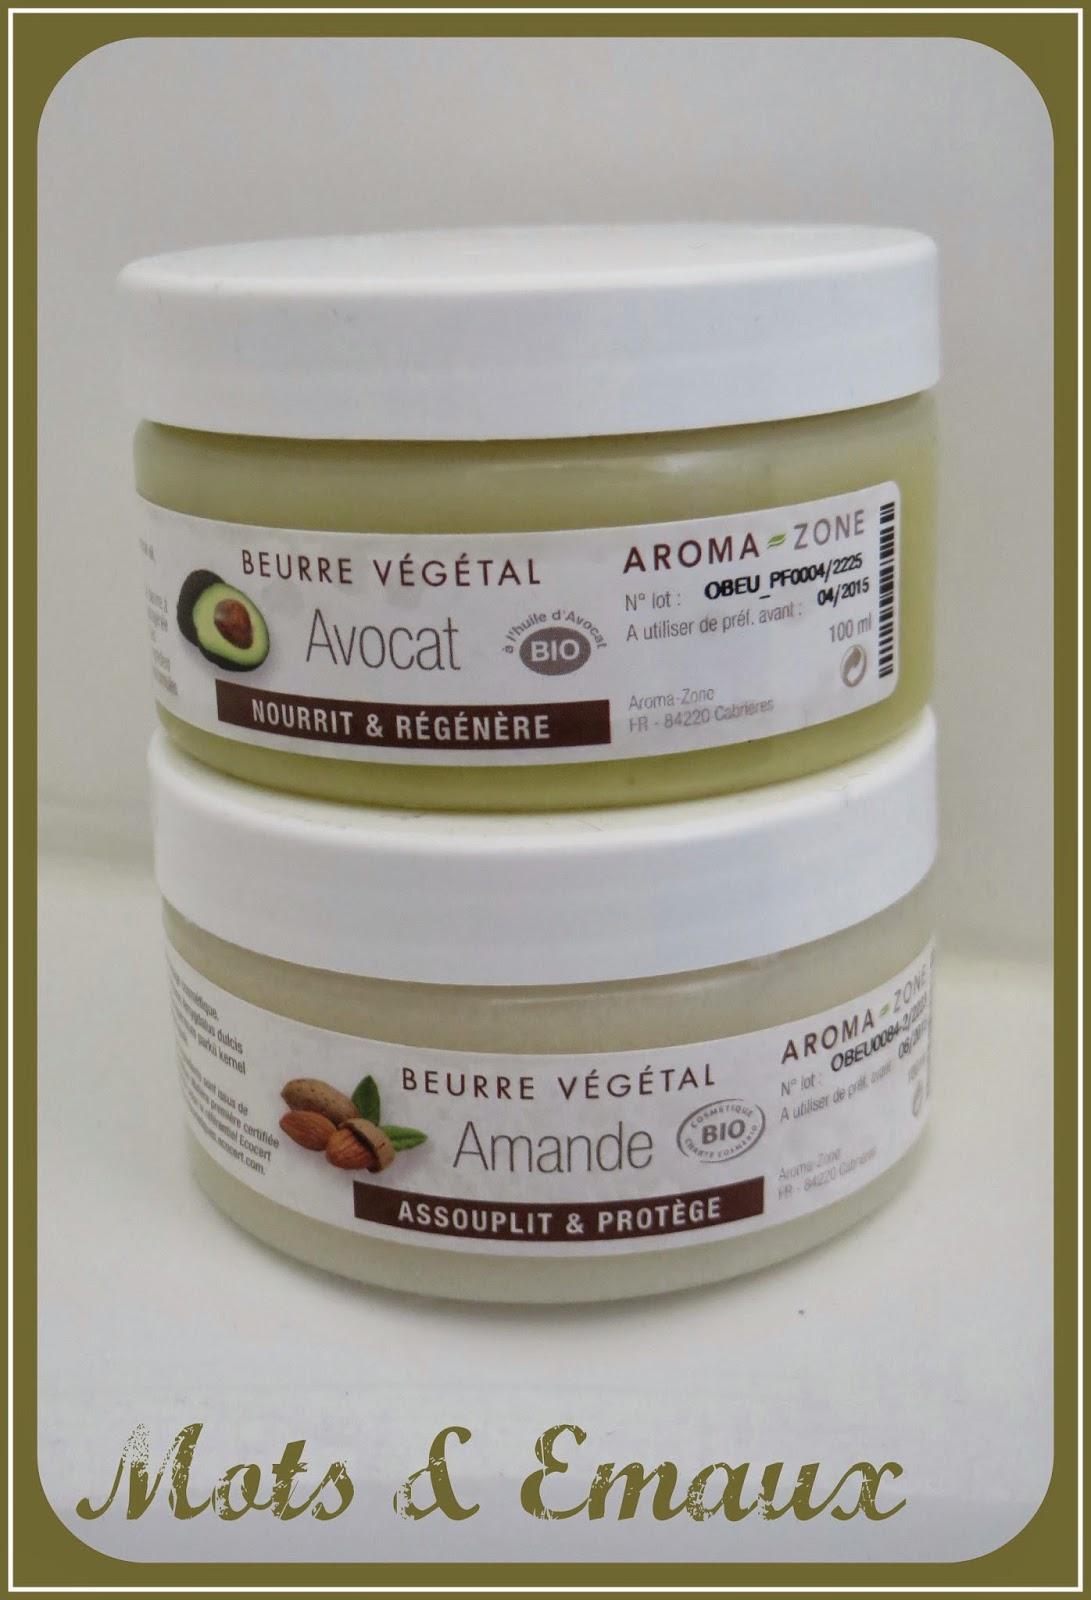 http://www.aroma-zone.com/aroma/beurres.asp#amande-bio